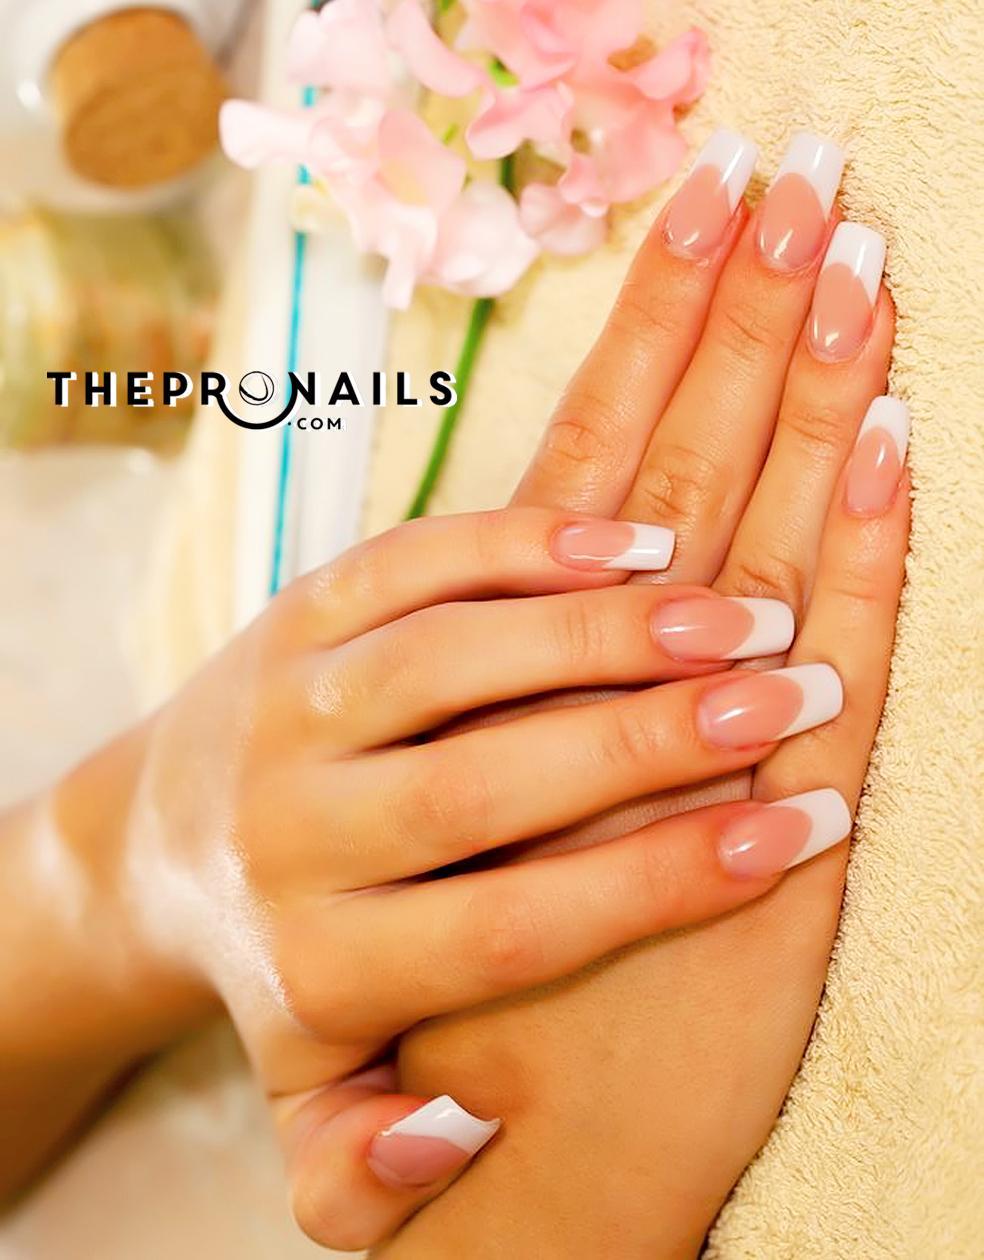 Thepronails.com